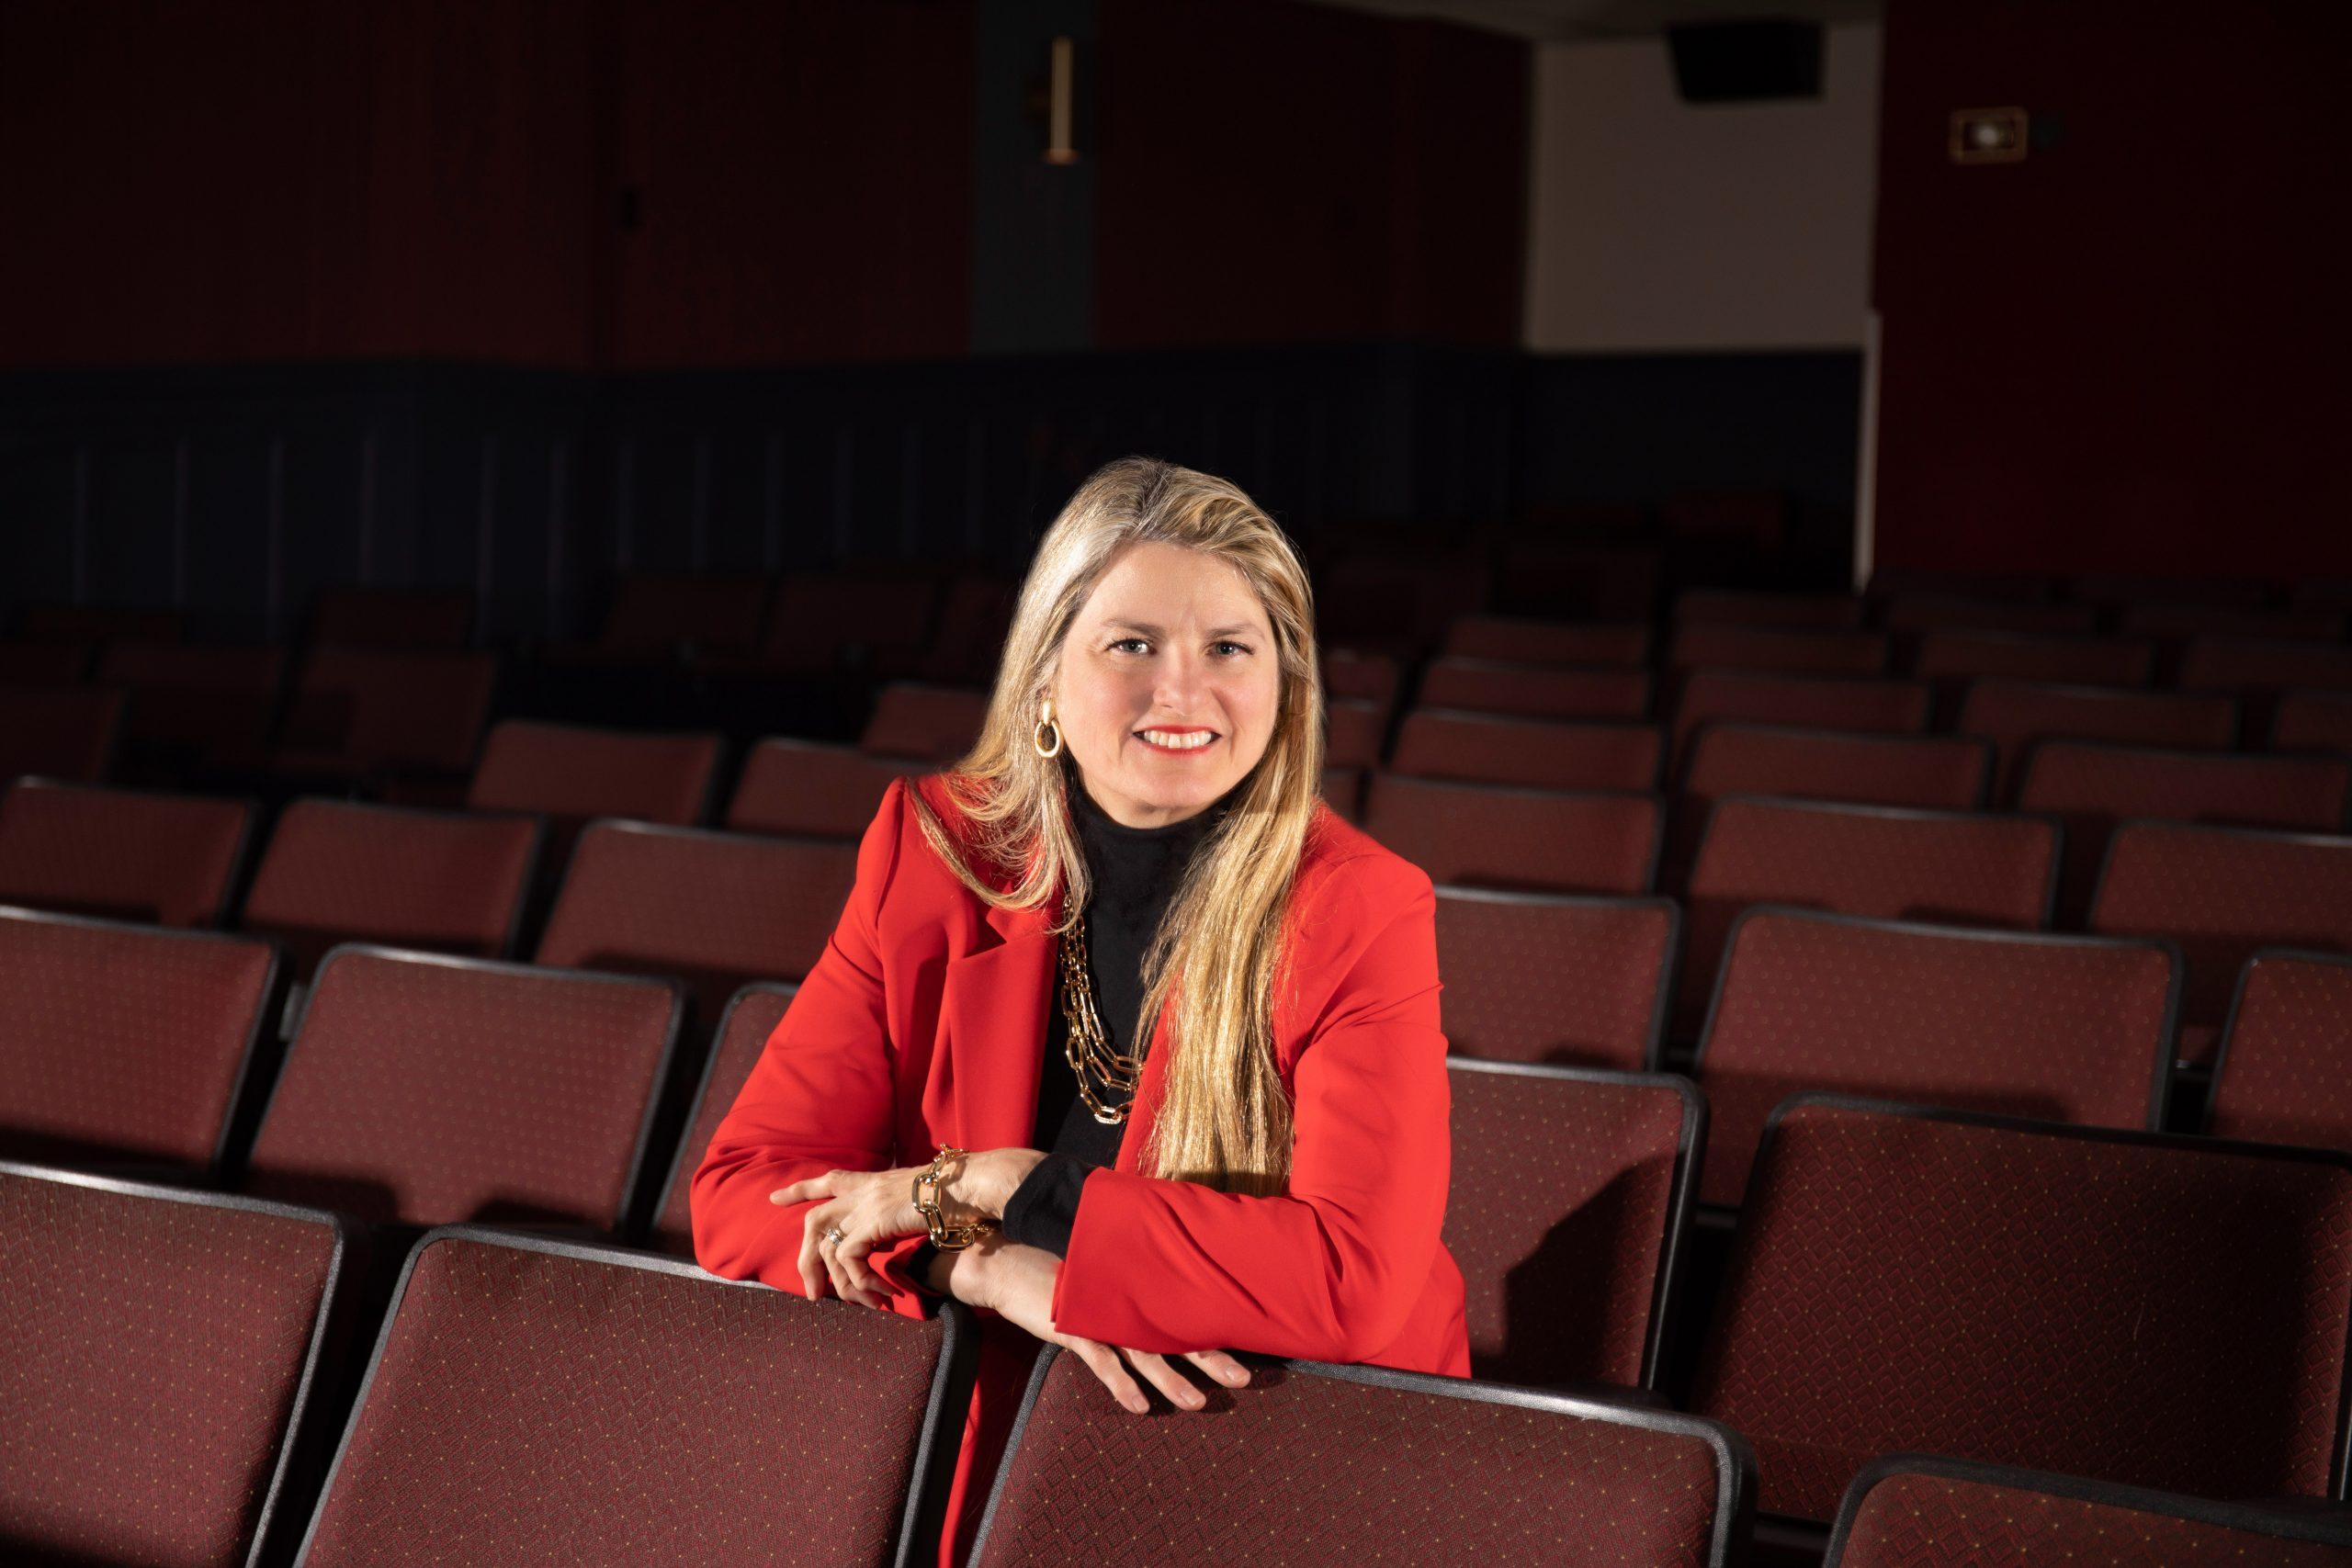 Bonnie Comley